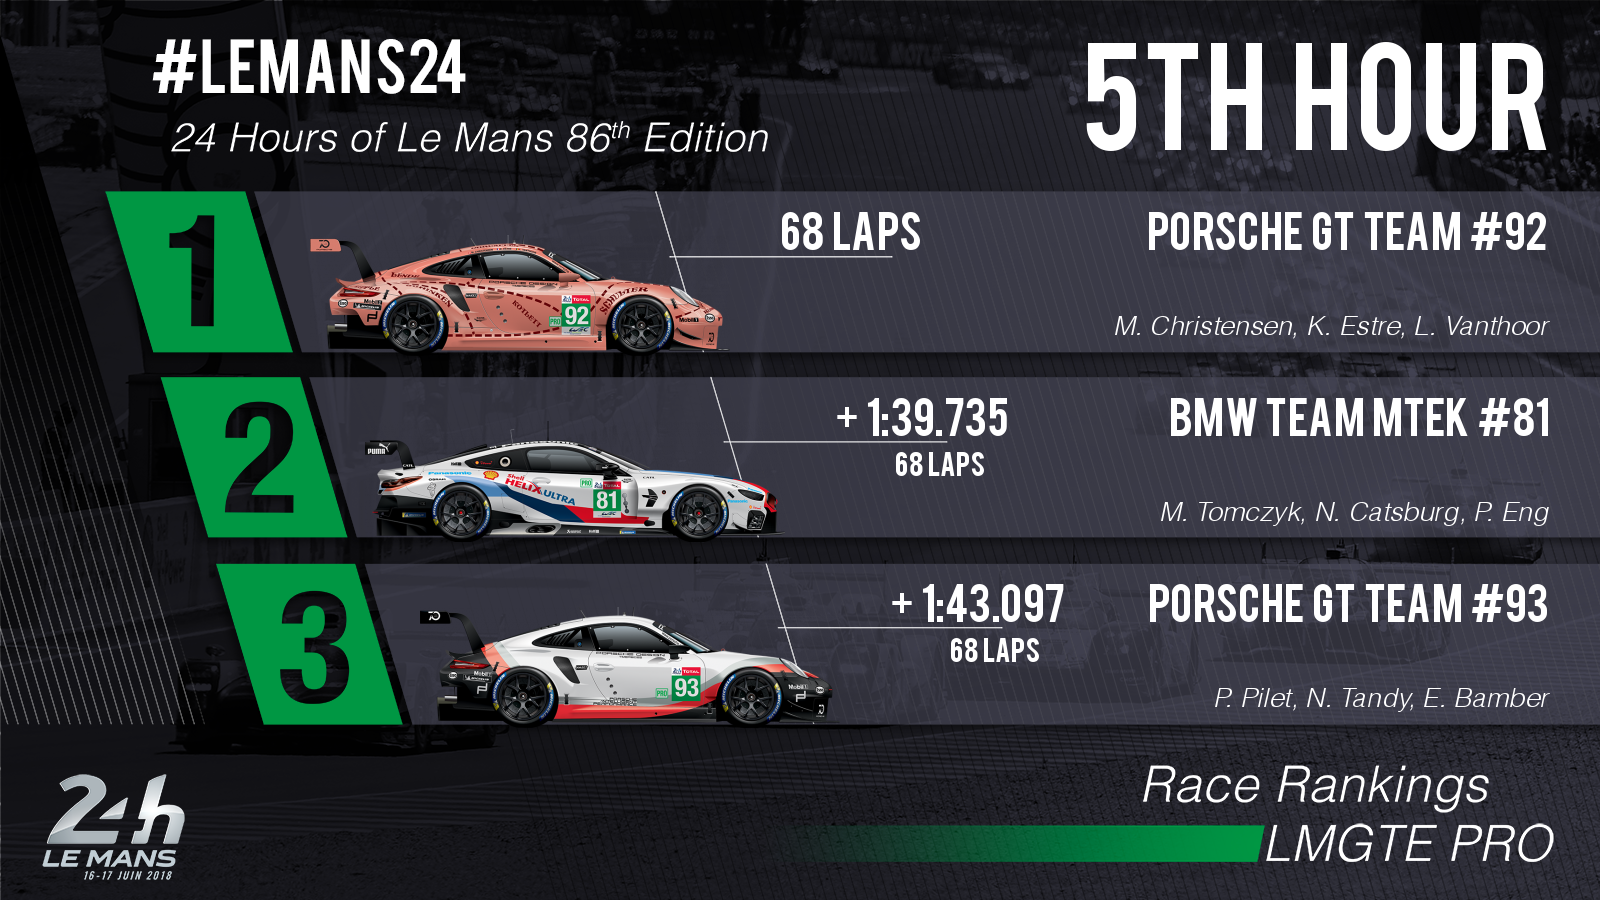 24 Horas de Le Mans 2018 - Página 3 5b25506548026